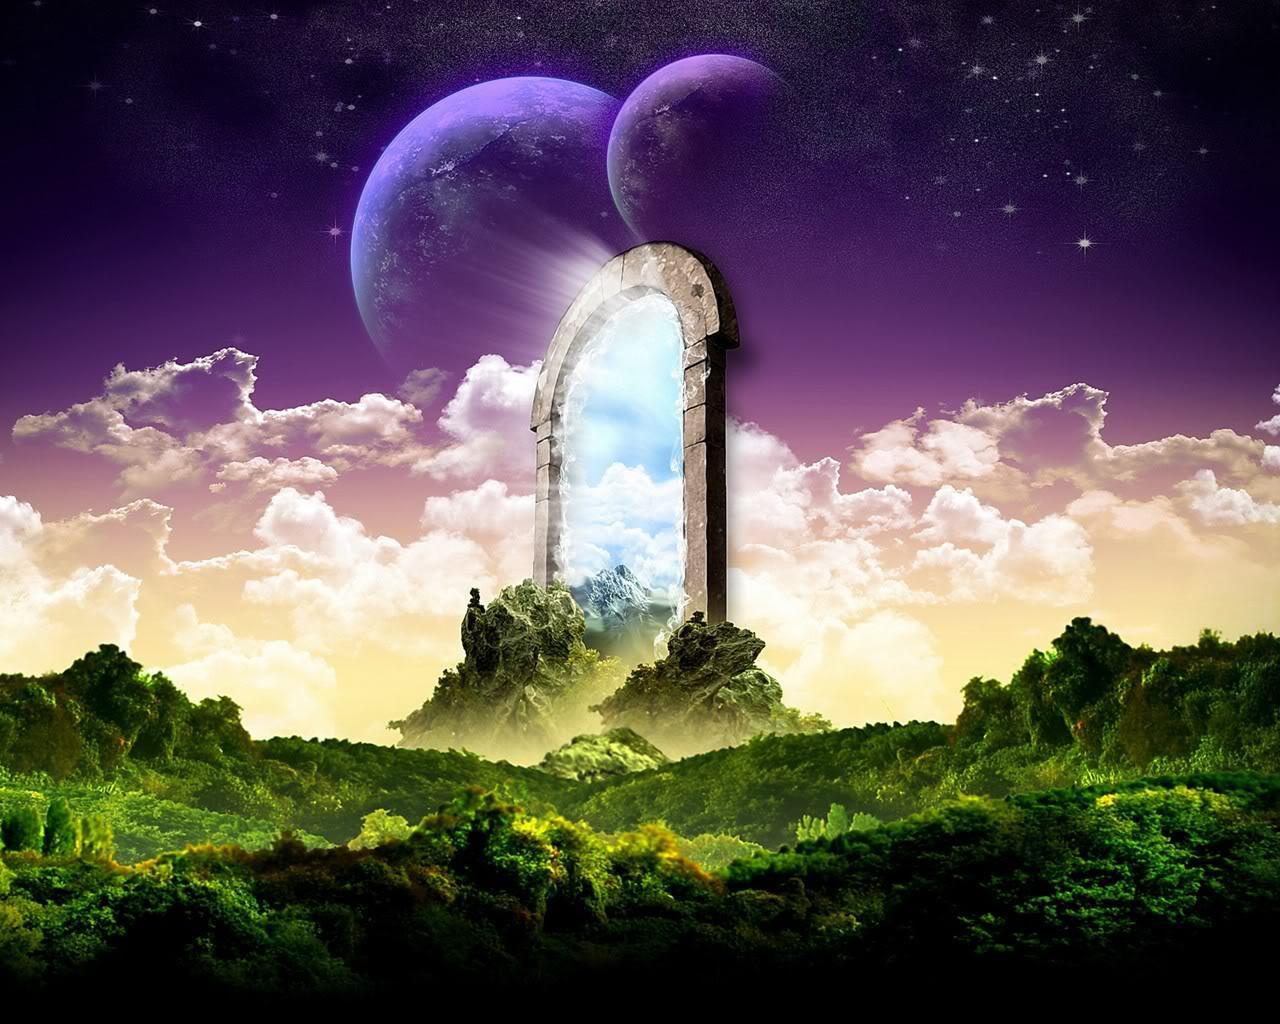 super fantasy landscape image